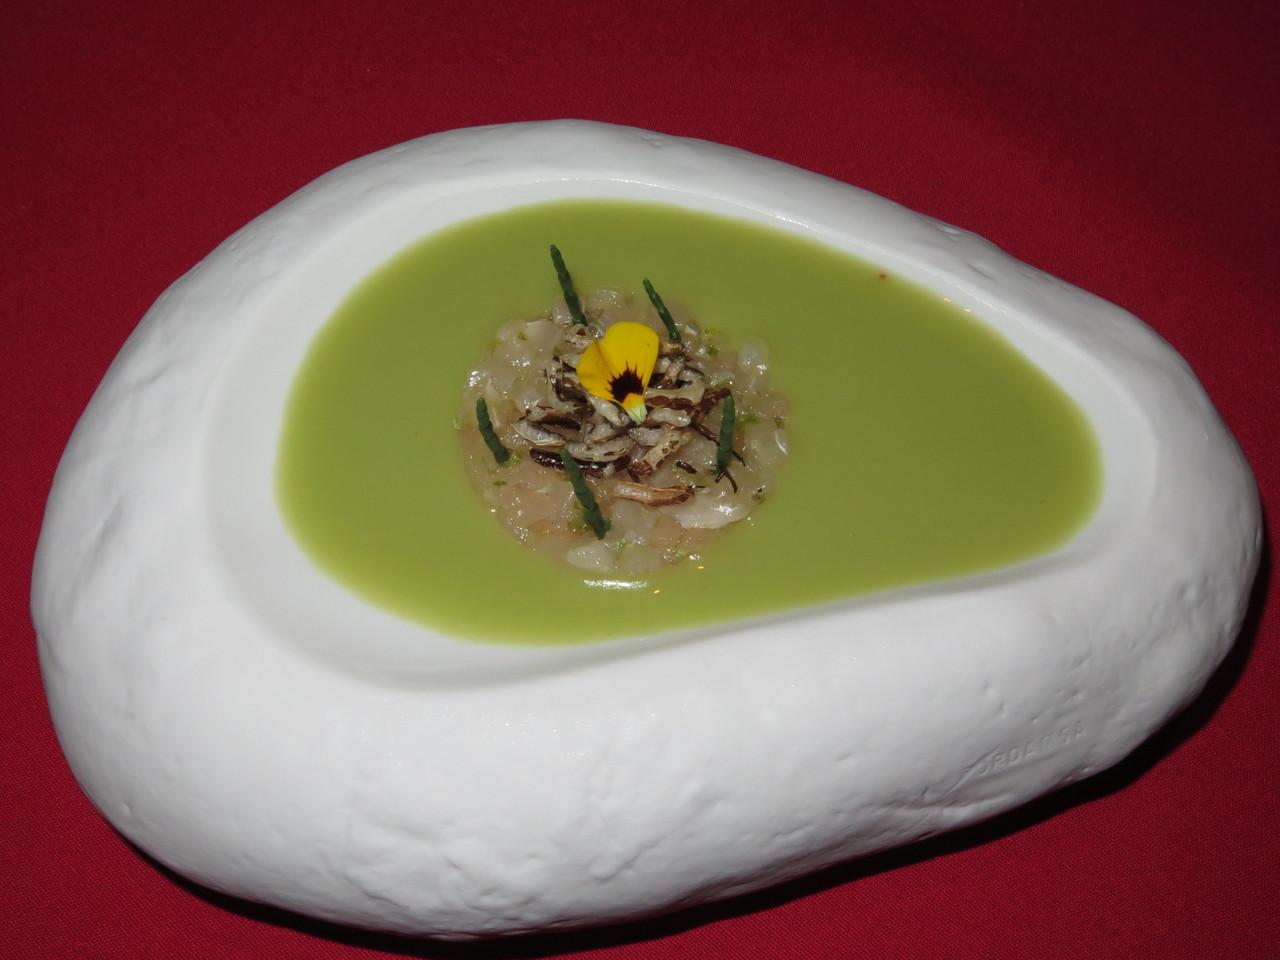 Tártaro de lírio sobre creme de amêndoa e gaspacho verde